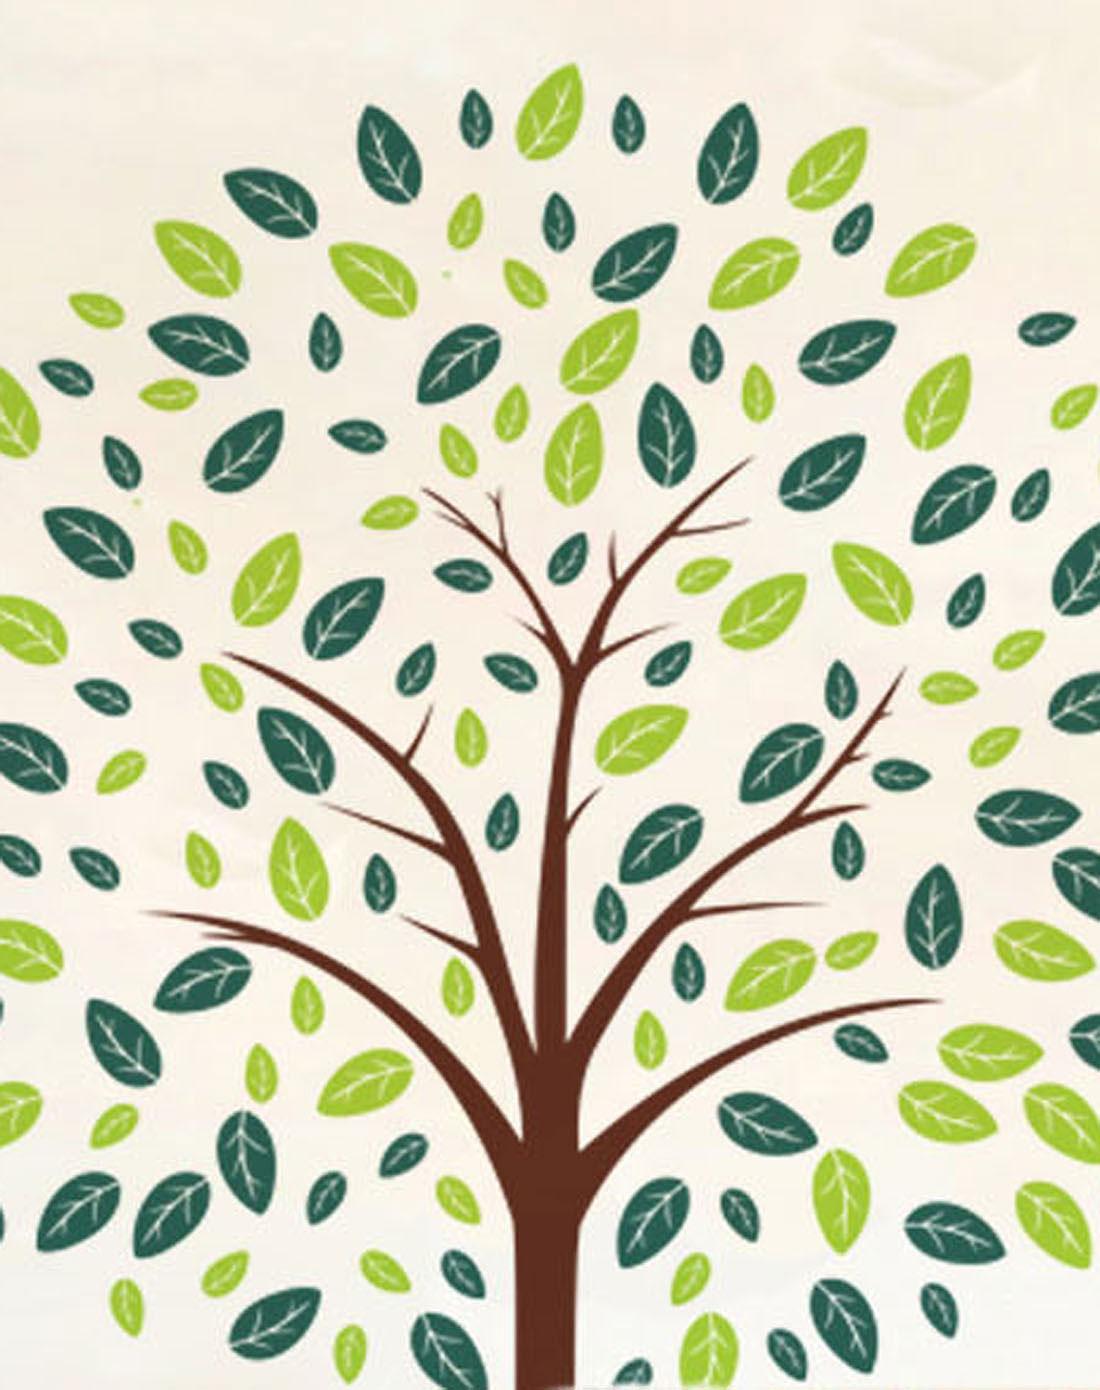 墙贴-幸运树xz101080